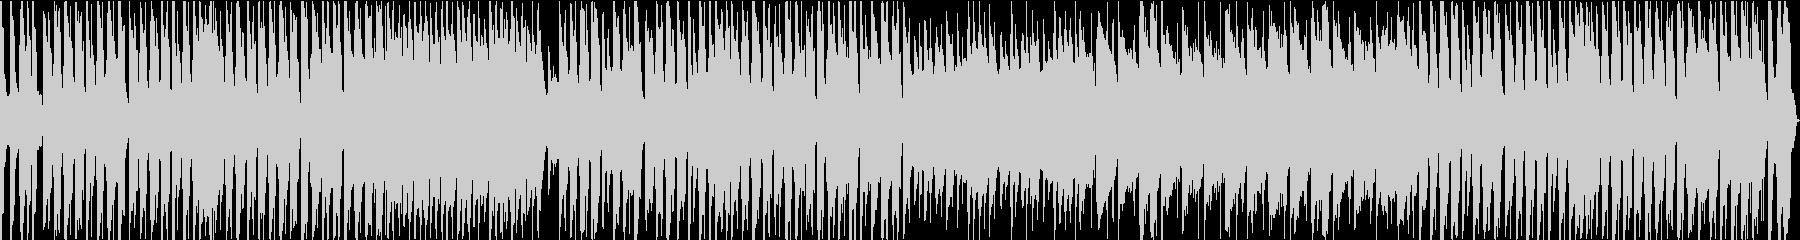 ほのぼの牧歌的で軽やかなインスト曲の未再生の波形